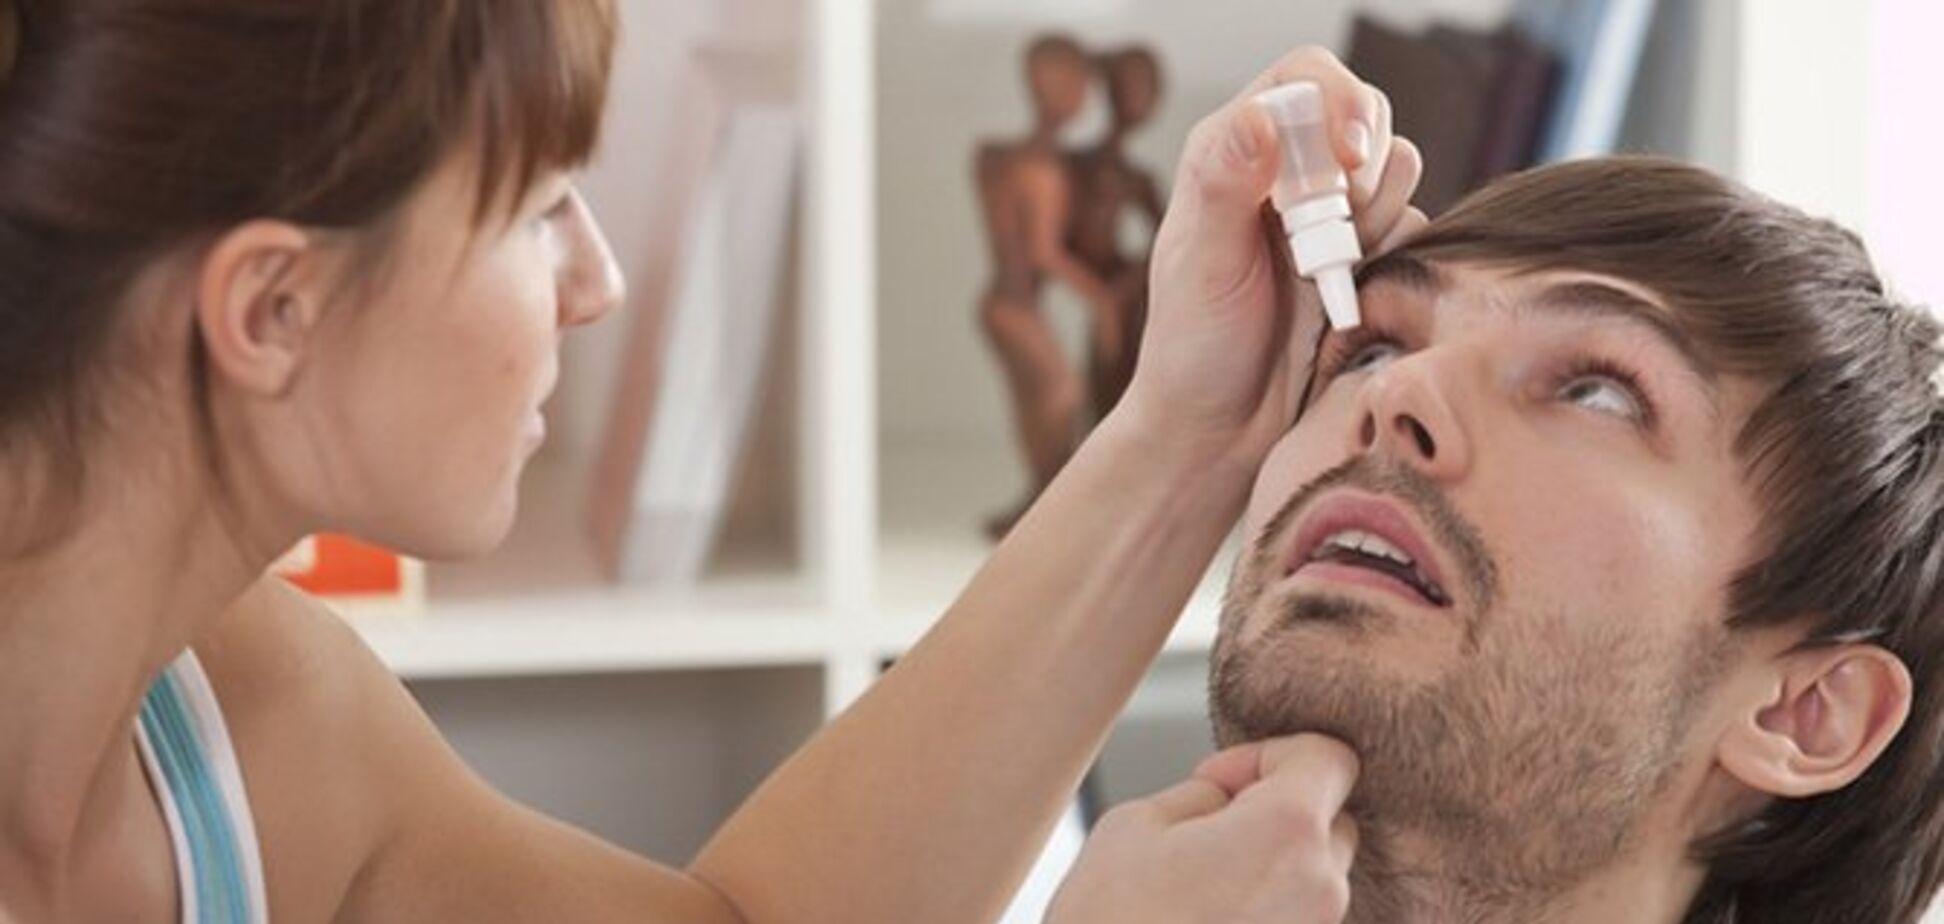 Травма глаза: как оказать первую помощь